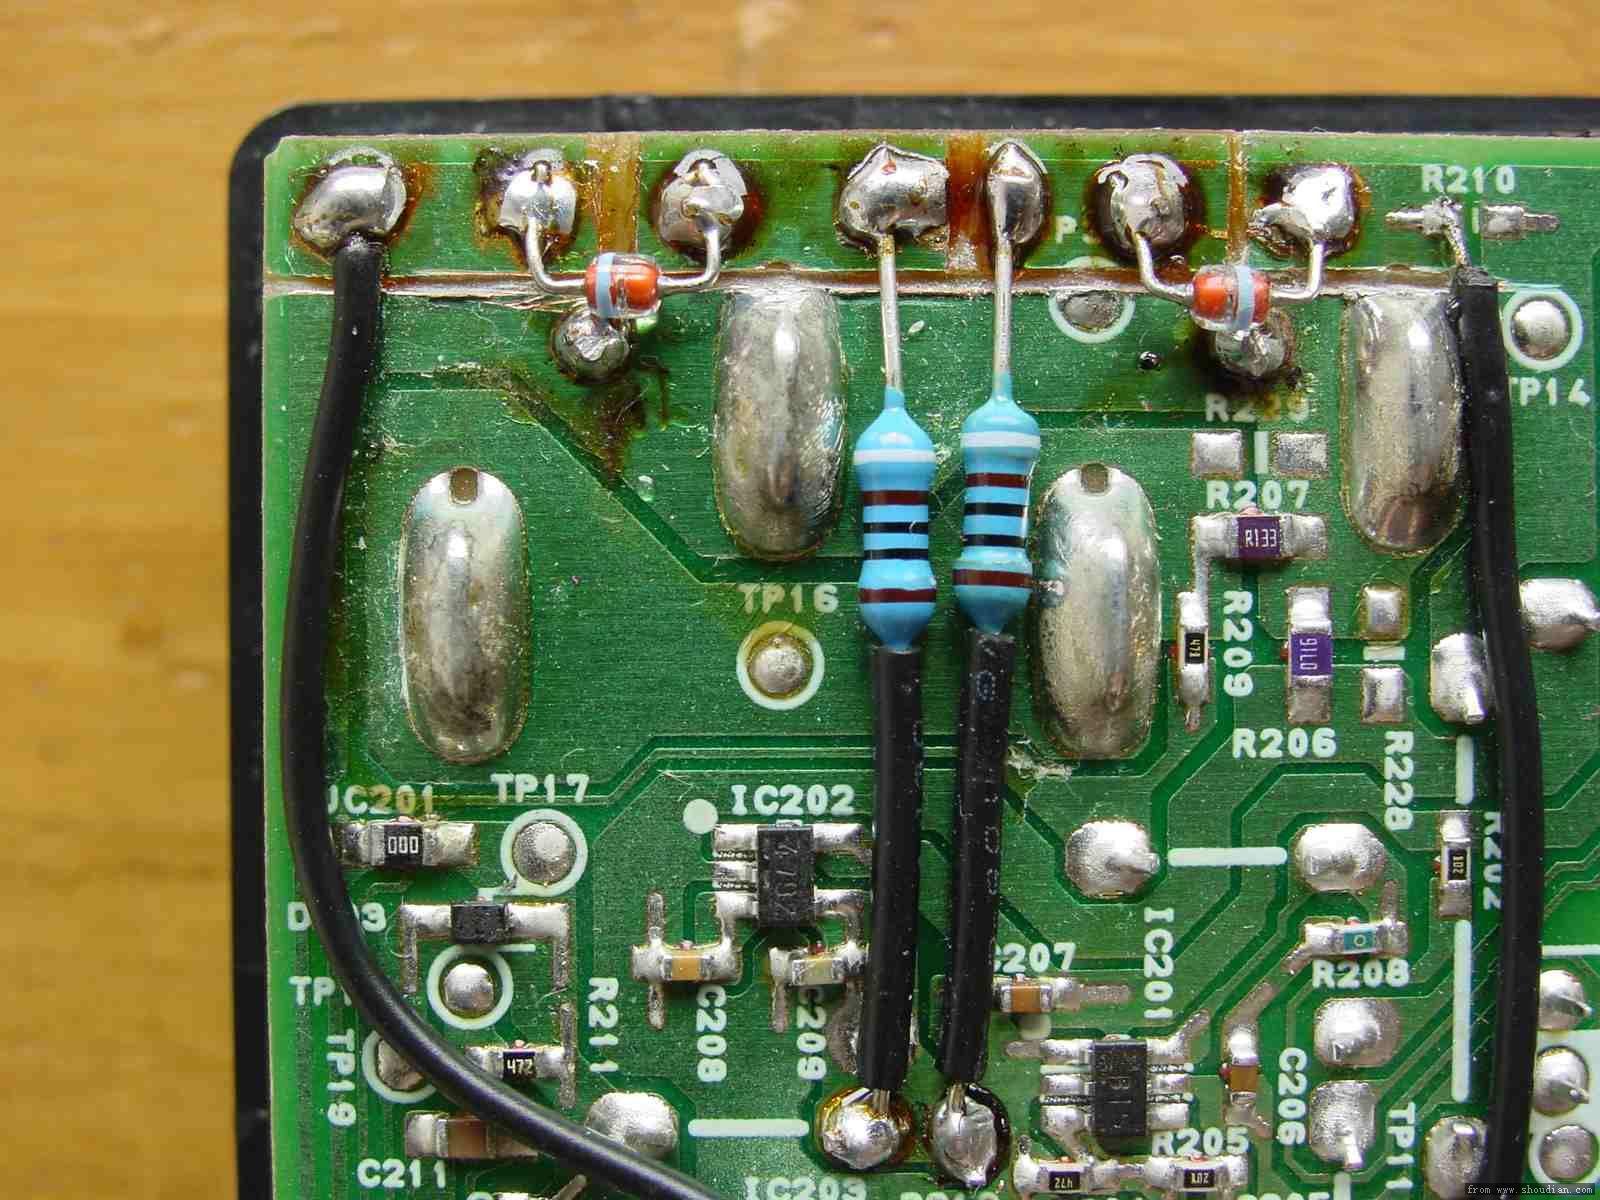 无损拆开cs2a充电器外壳,加装led指示灯显示充电和涓流状态